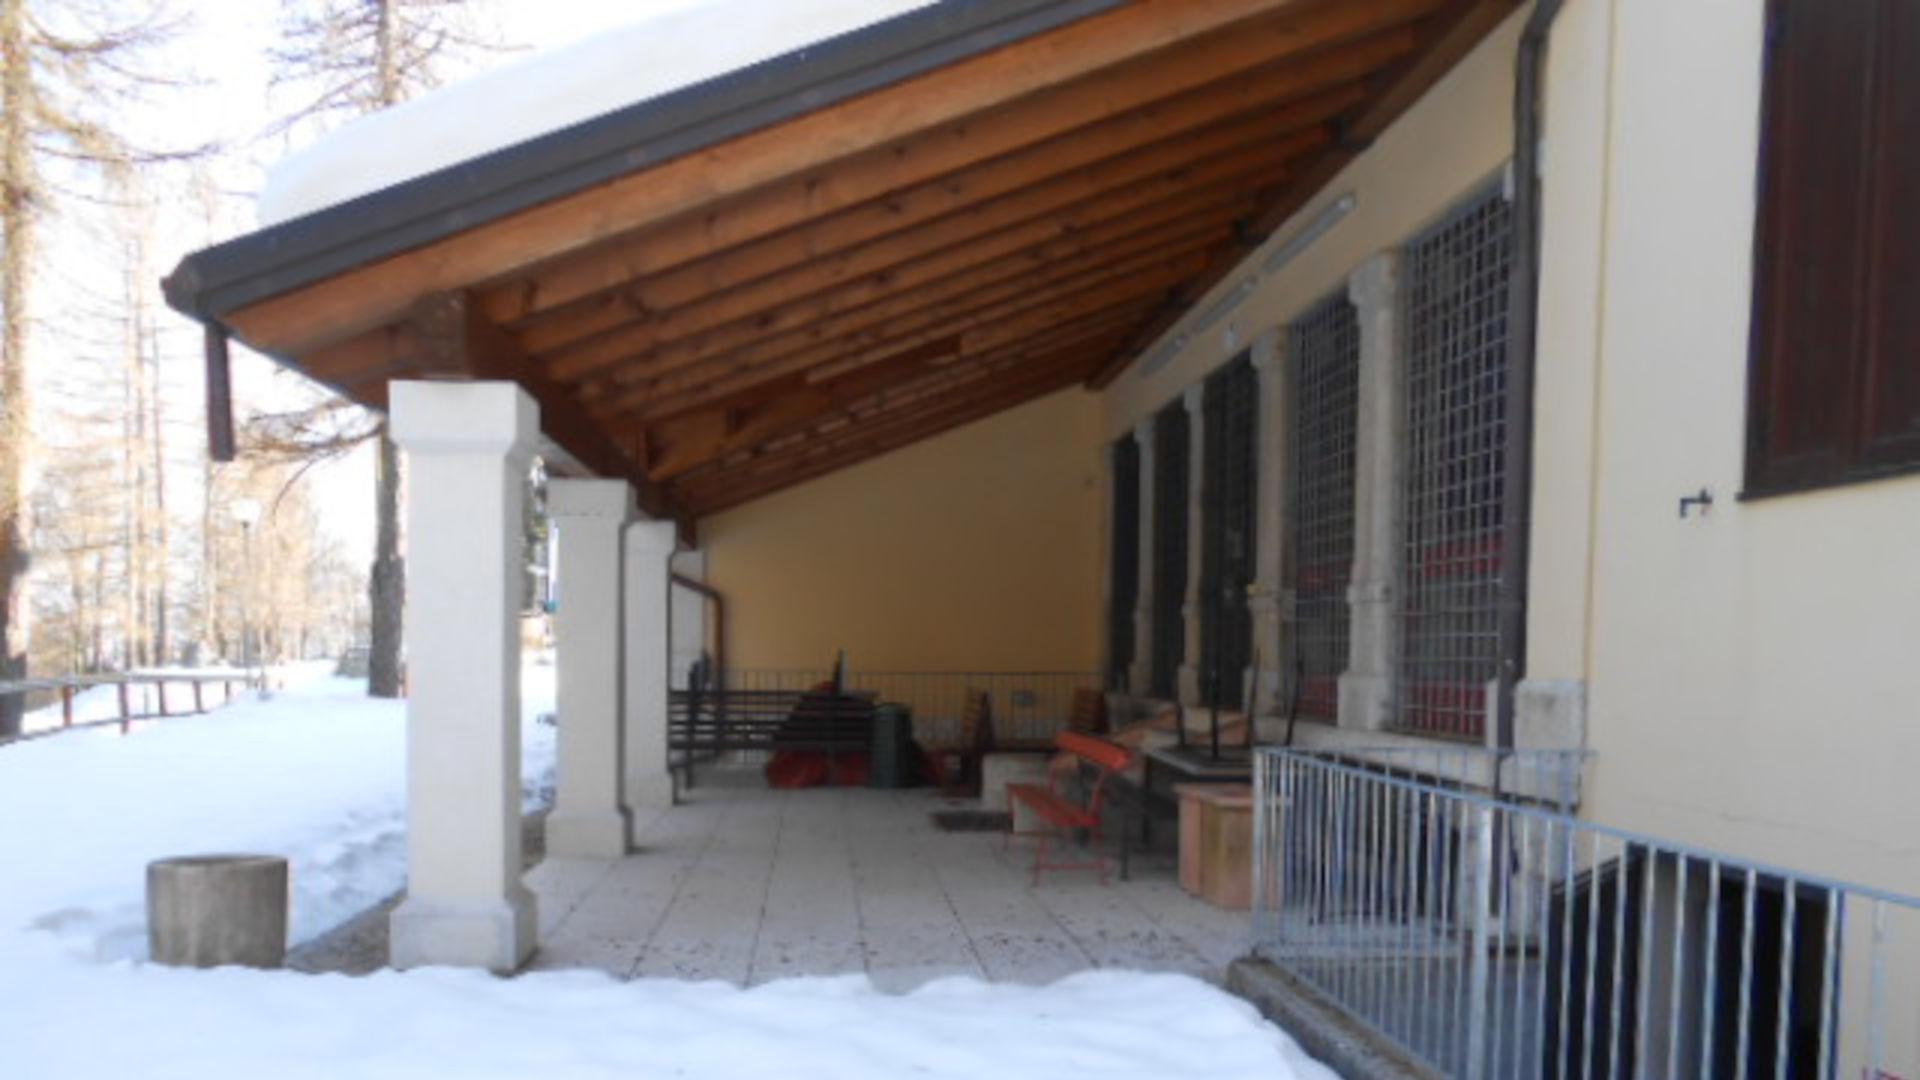 Portico Casa Sacro Cuore Tonezza